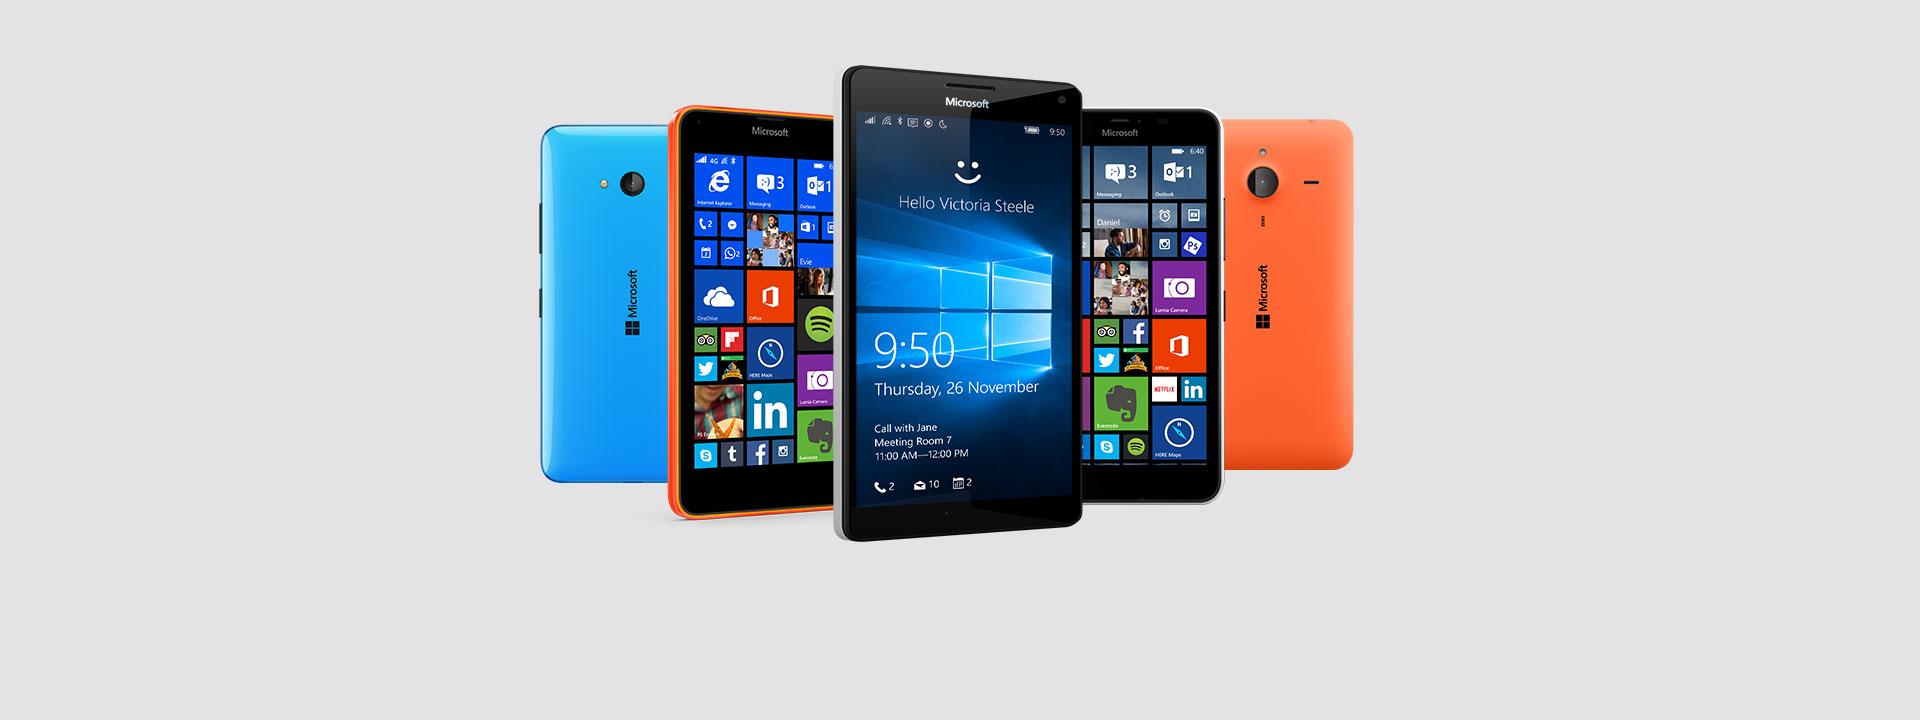 Teléfonos Lumia, encontrar uno adecuado para ti